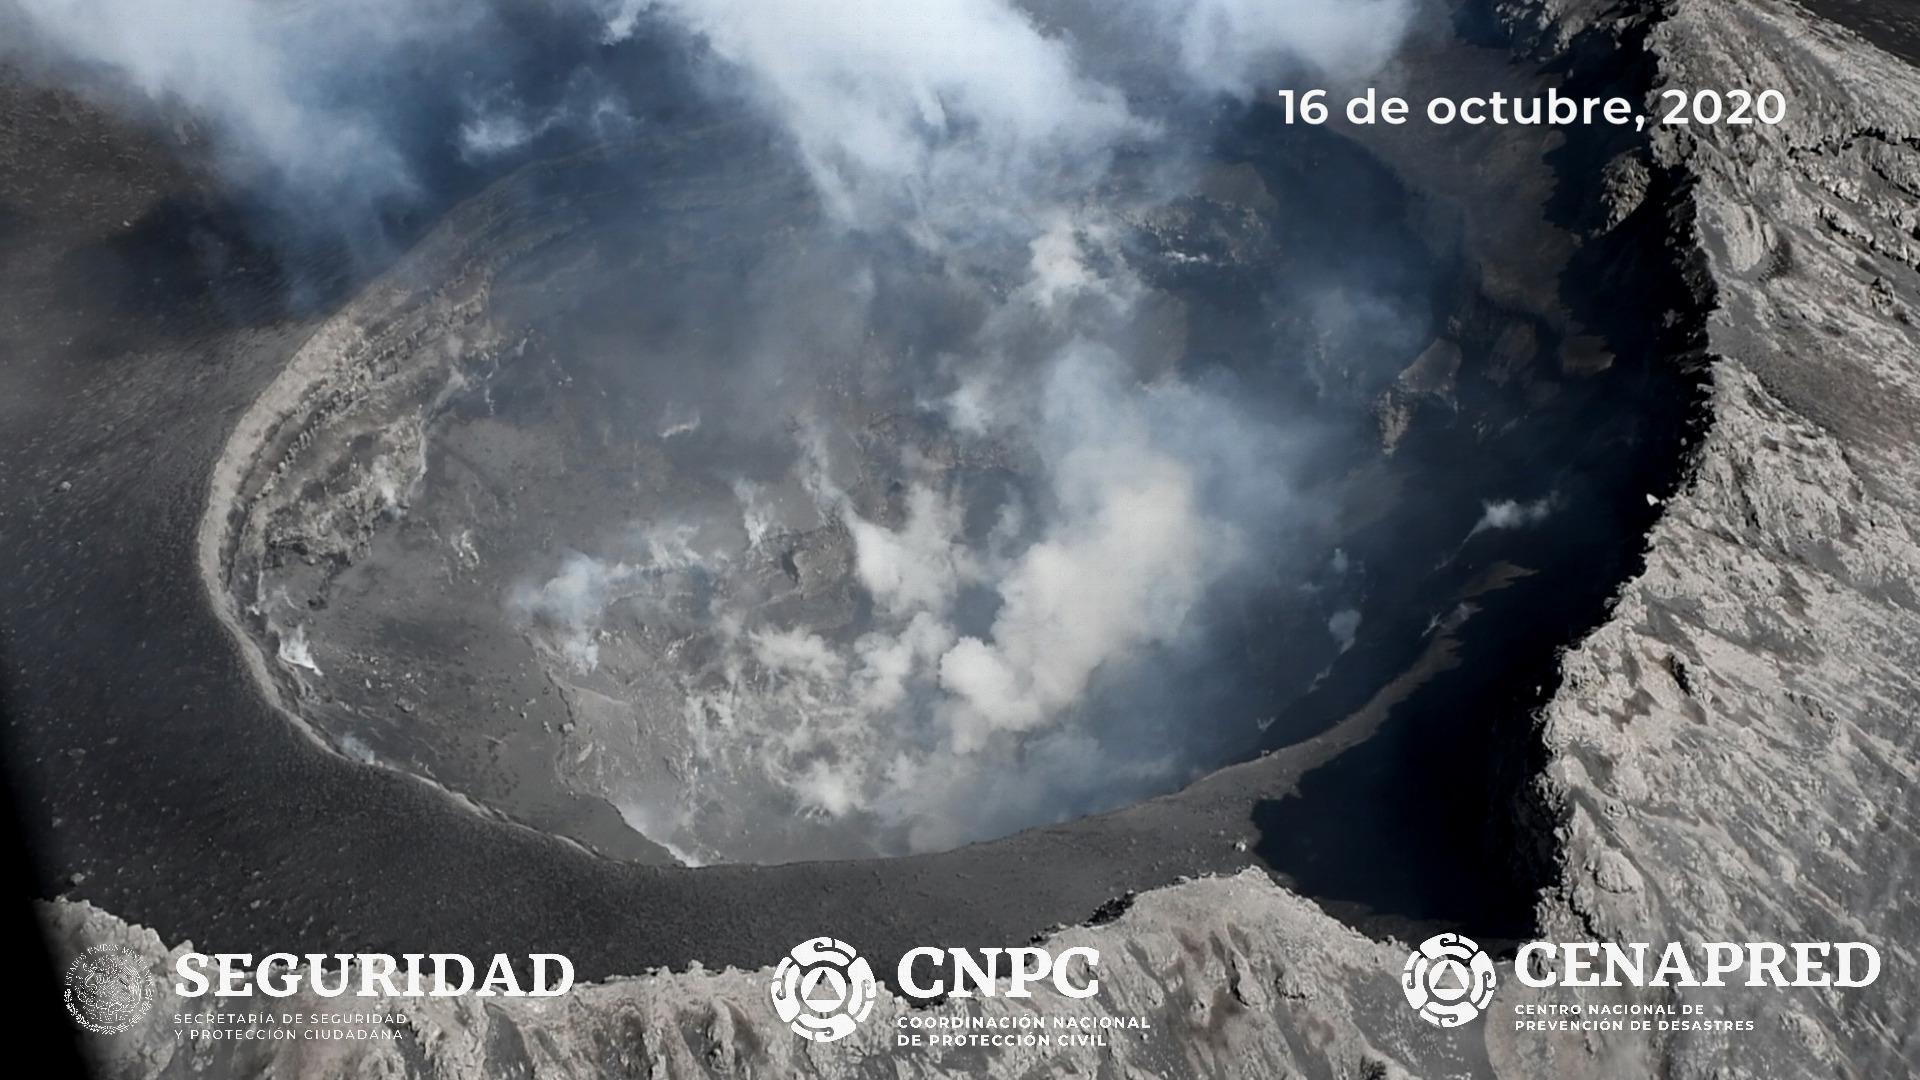 El día de hoy, 16 de octubre se realizó un sobrevuelo al volcán Popocatépetl para verificar sus condiciones generales.